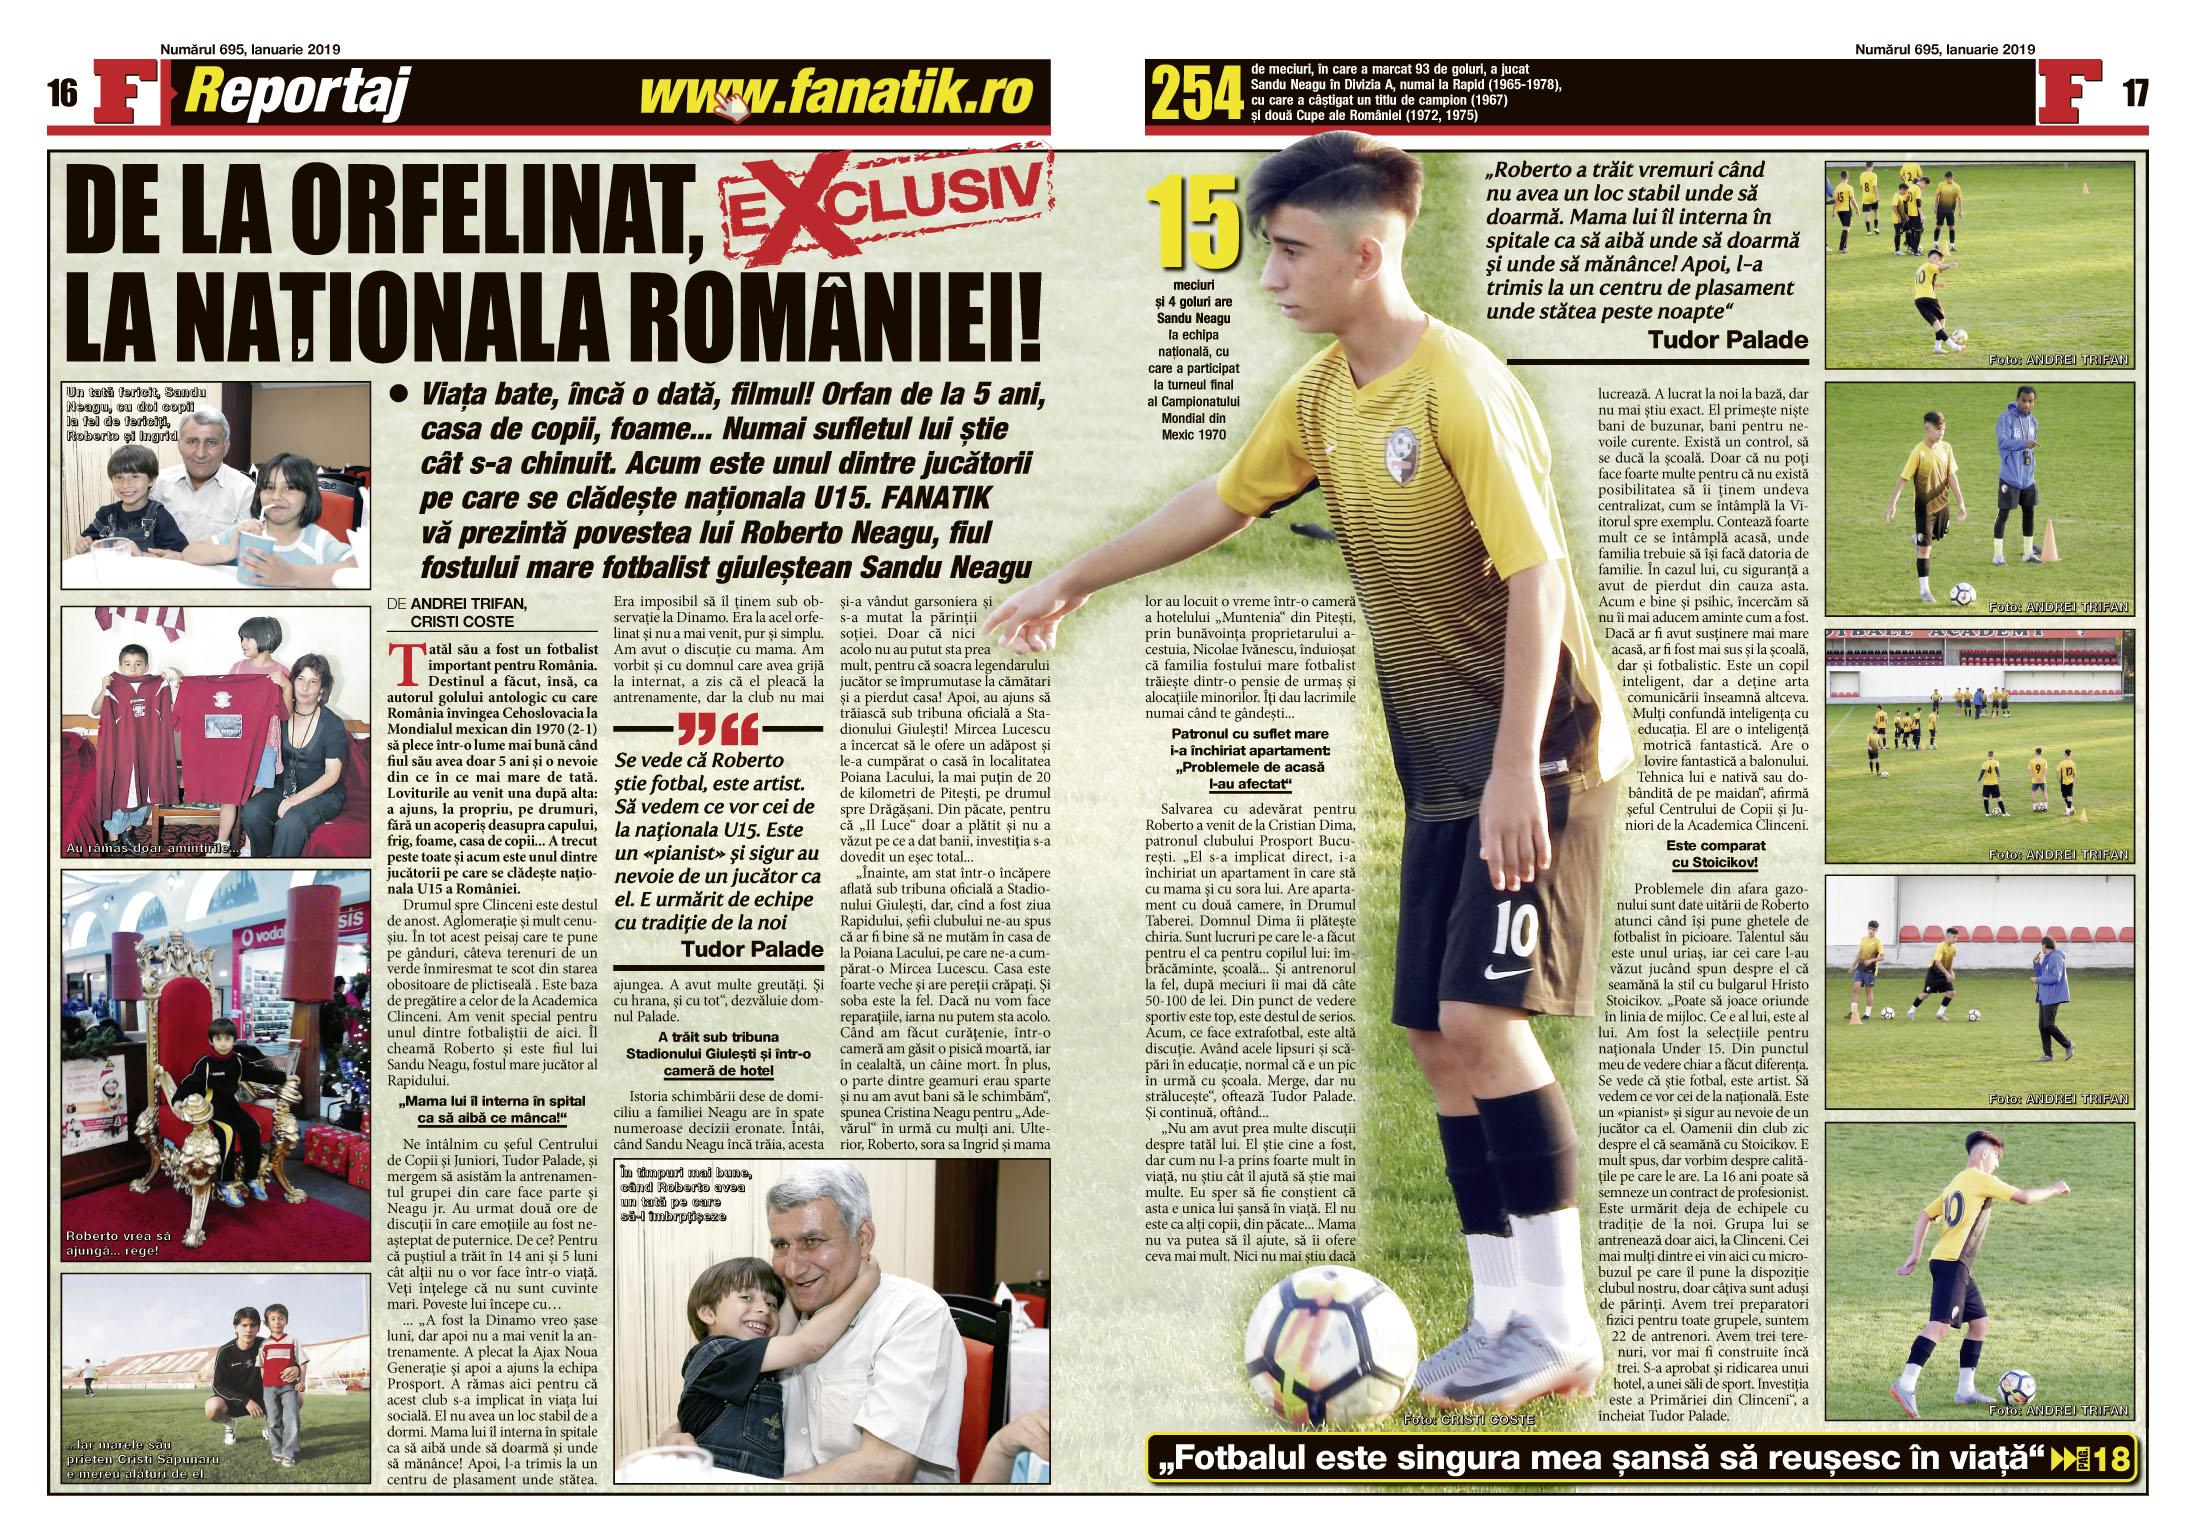 Roberto Neagu este una dintre speranțele fotbalului românesc. Află cum a supraviețuit, efectiv, dispariției tatălui său, din revista FANATIK pe ianuarie! Amănuntele sunt cutremurătoare!